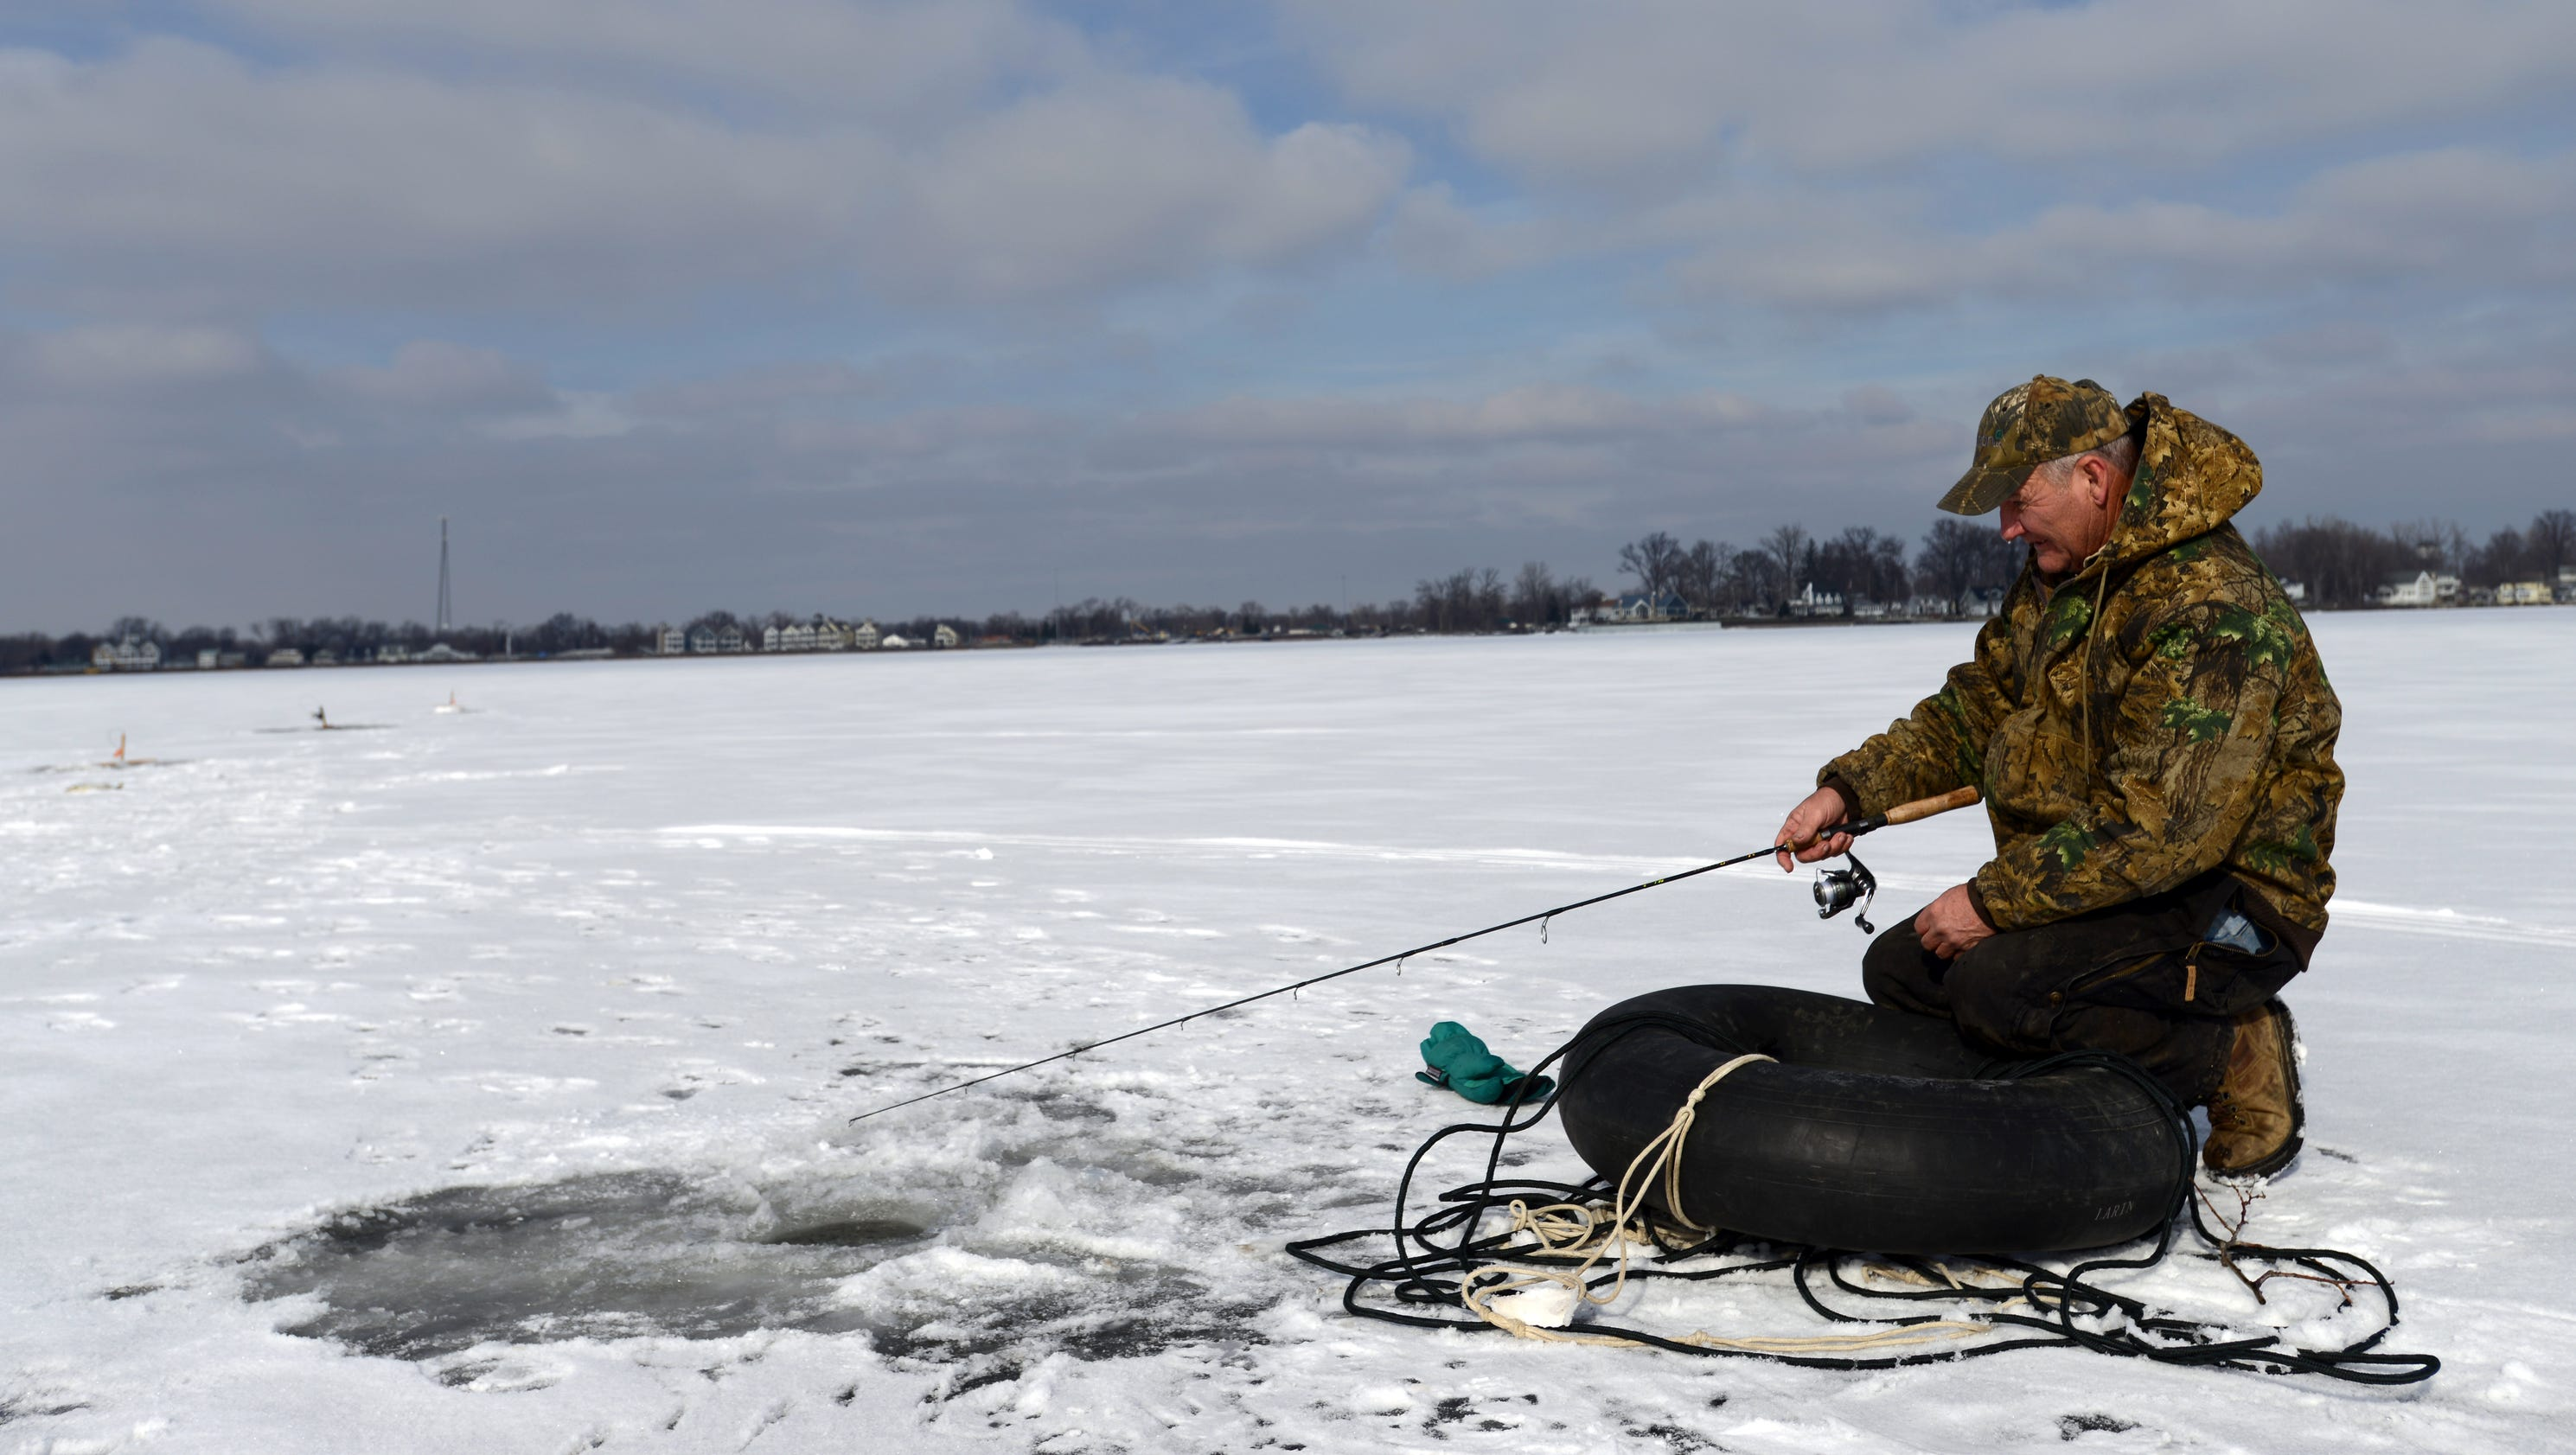 Ice fishing on buckeye lake for Buckeye lake fishing